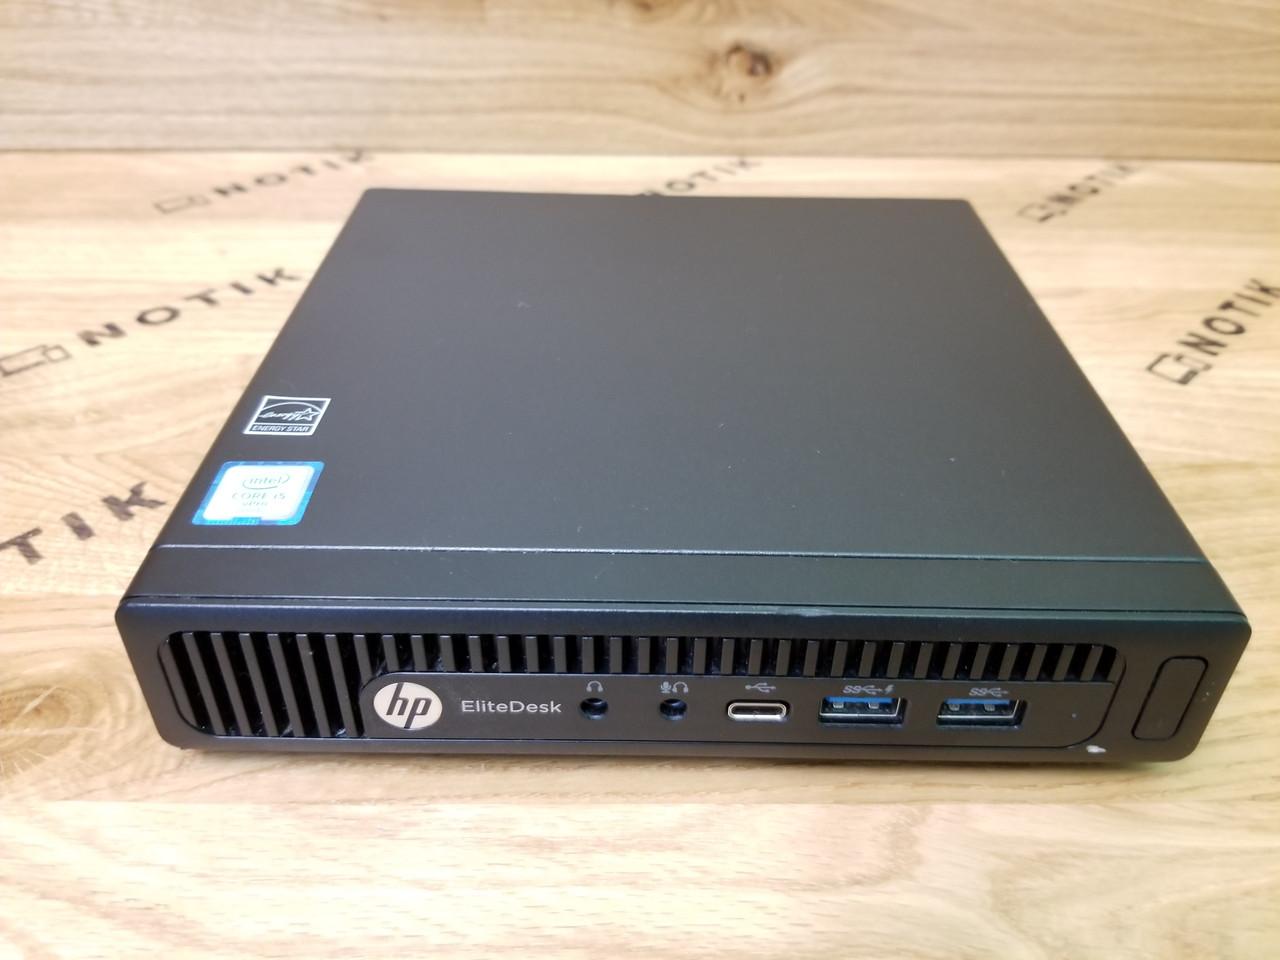 Настільний комп'ютер HP EliteDesk 800 G2 mini i7-6700T /16Gb/256SSD